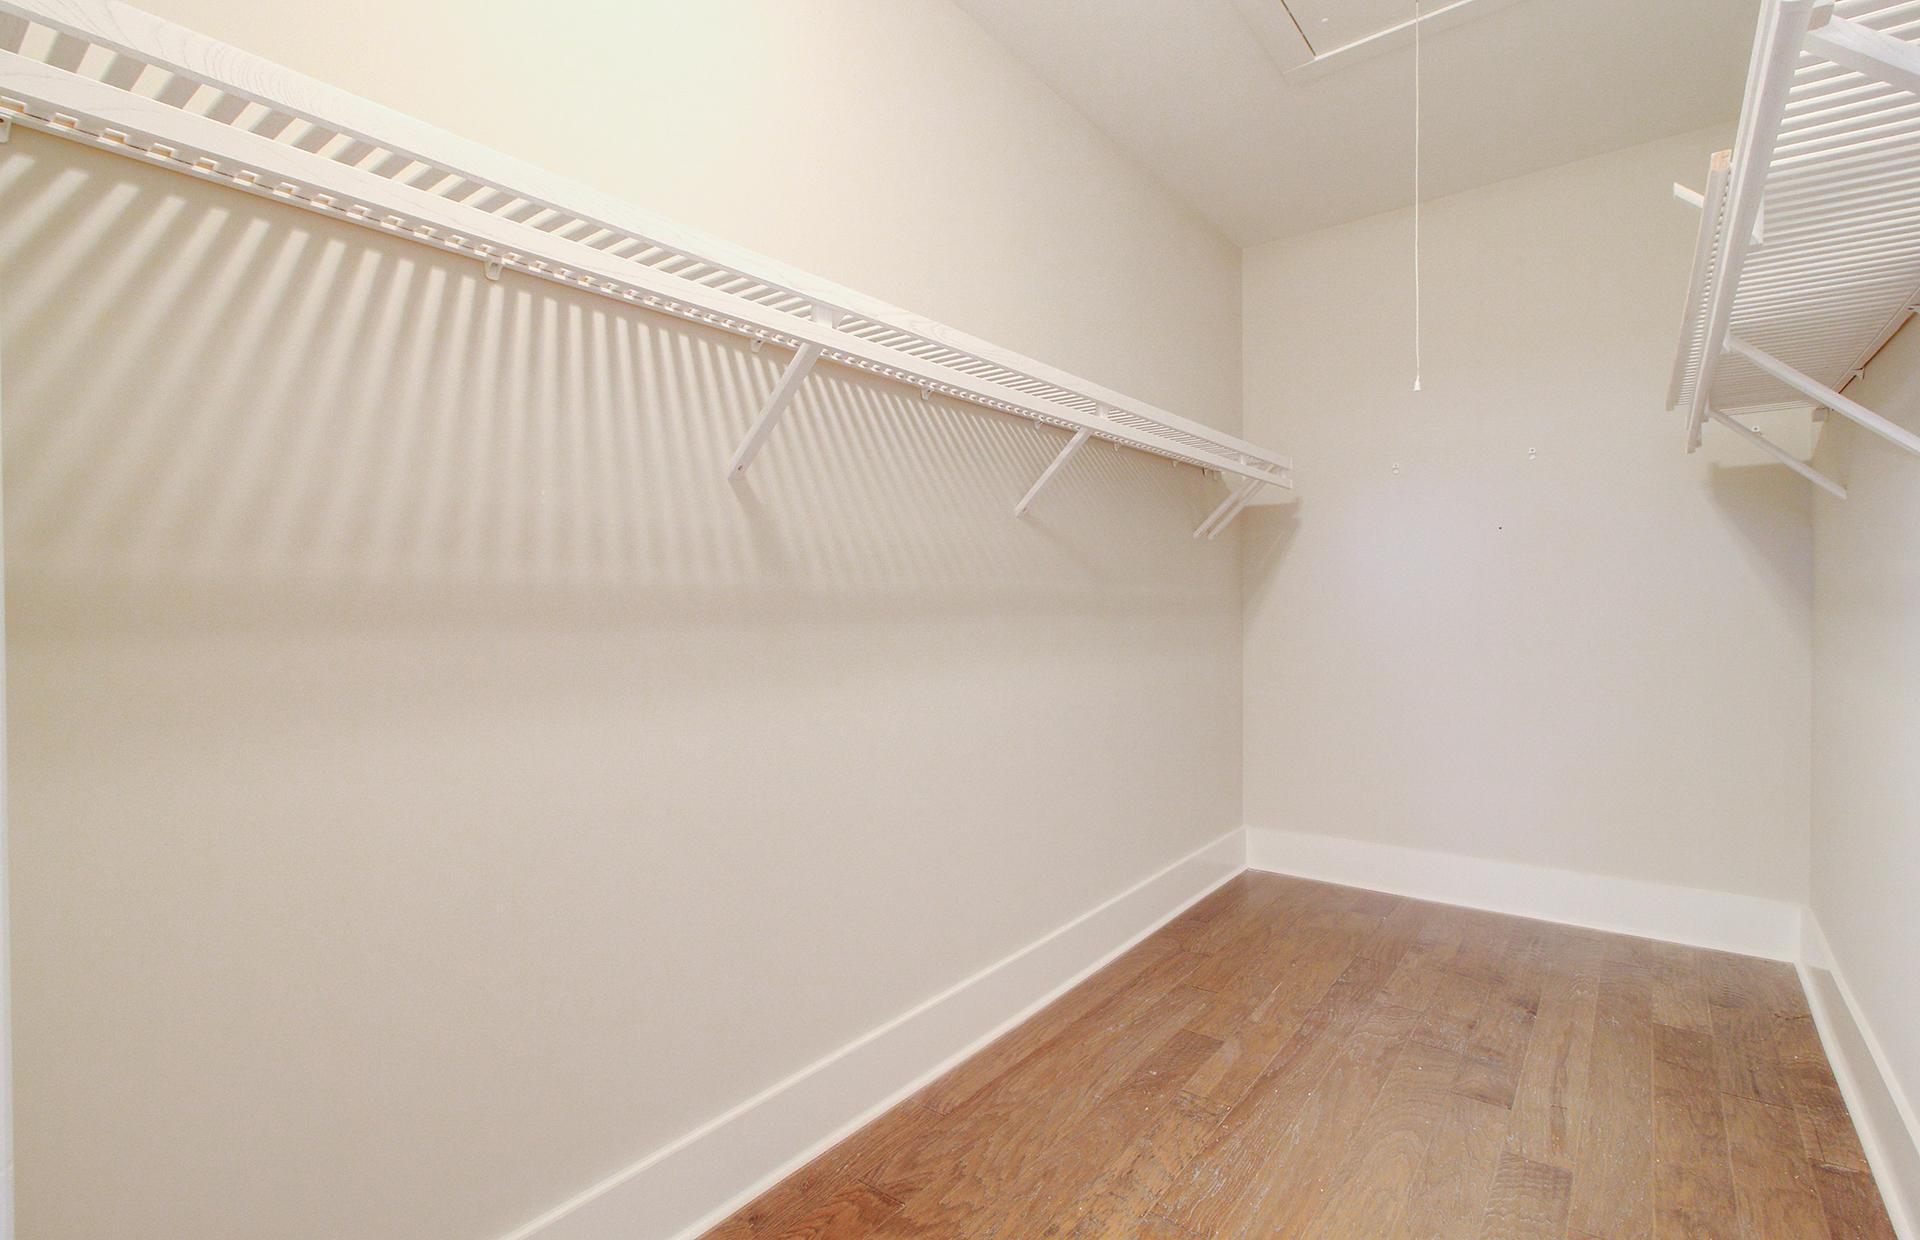 Dunes West Homes For Sale - 2416 Brackish, Mount Pleasant, SC - 22